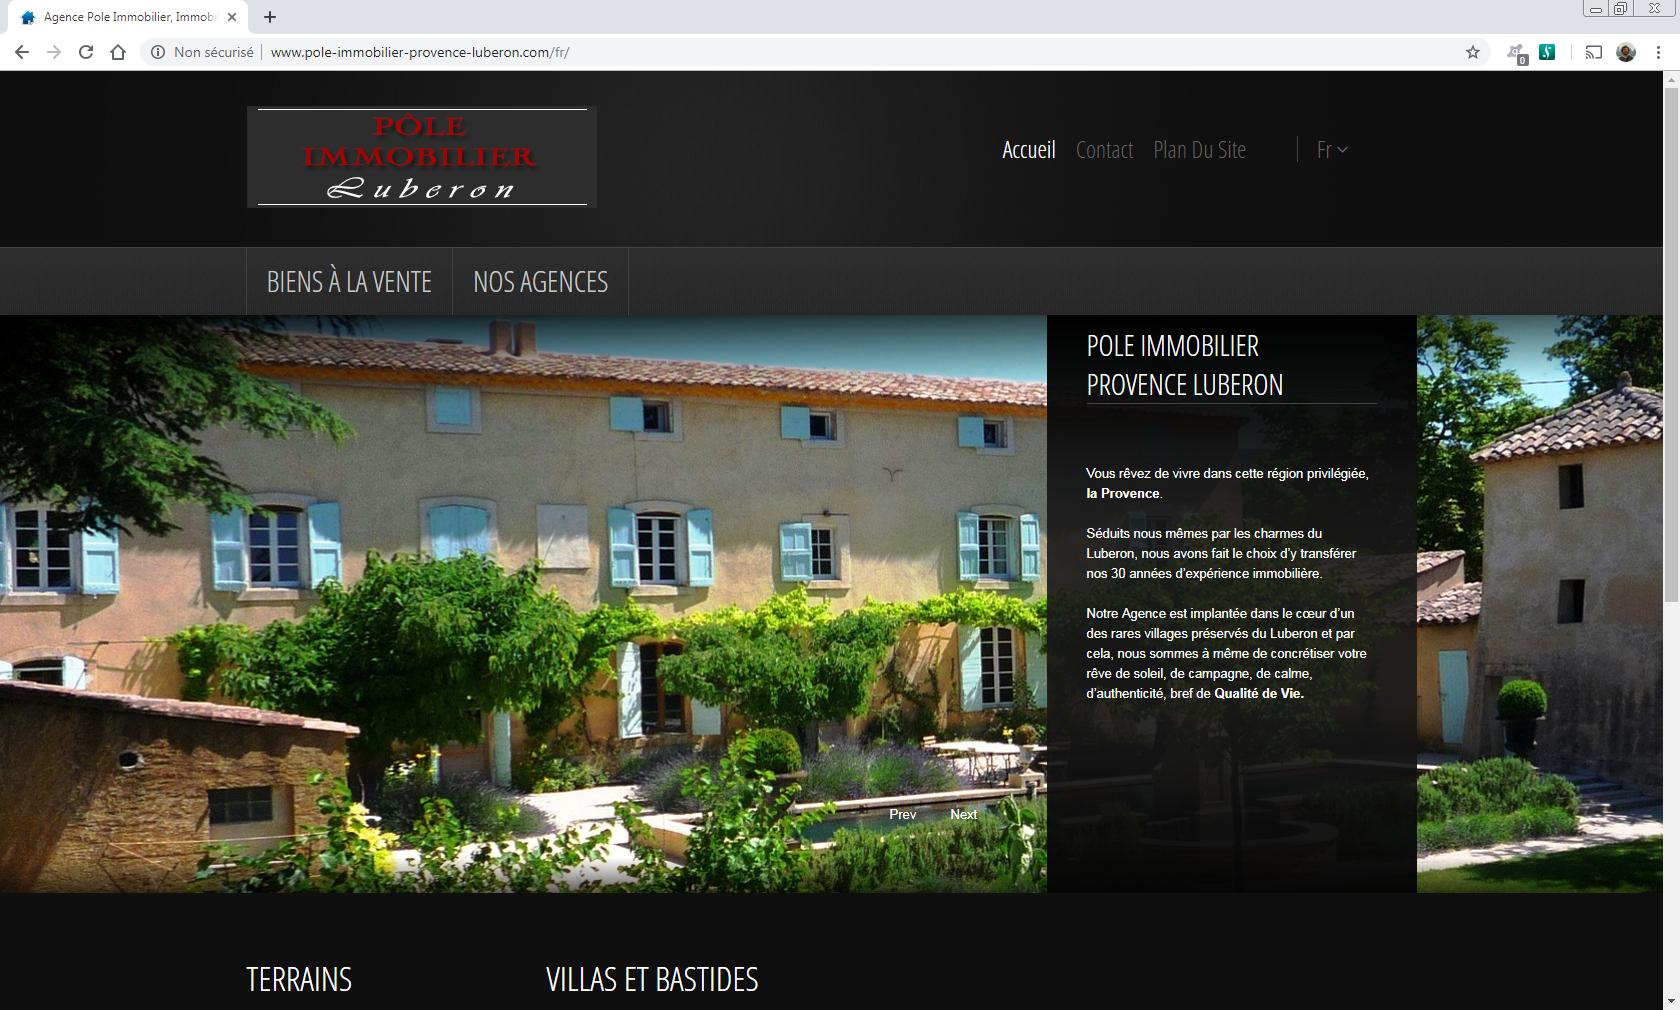 www.pole-immobilier-provence-luberon.com - Apt en Luberon Web et Informatique en luberon - Site internet et referenecment - cedric de miscault - apt à cavaillon